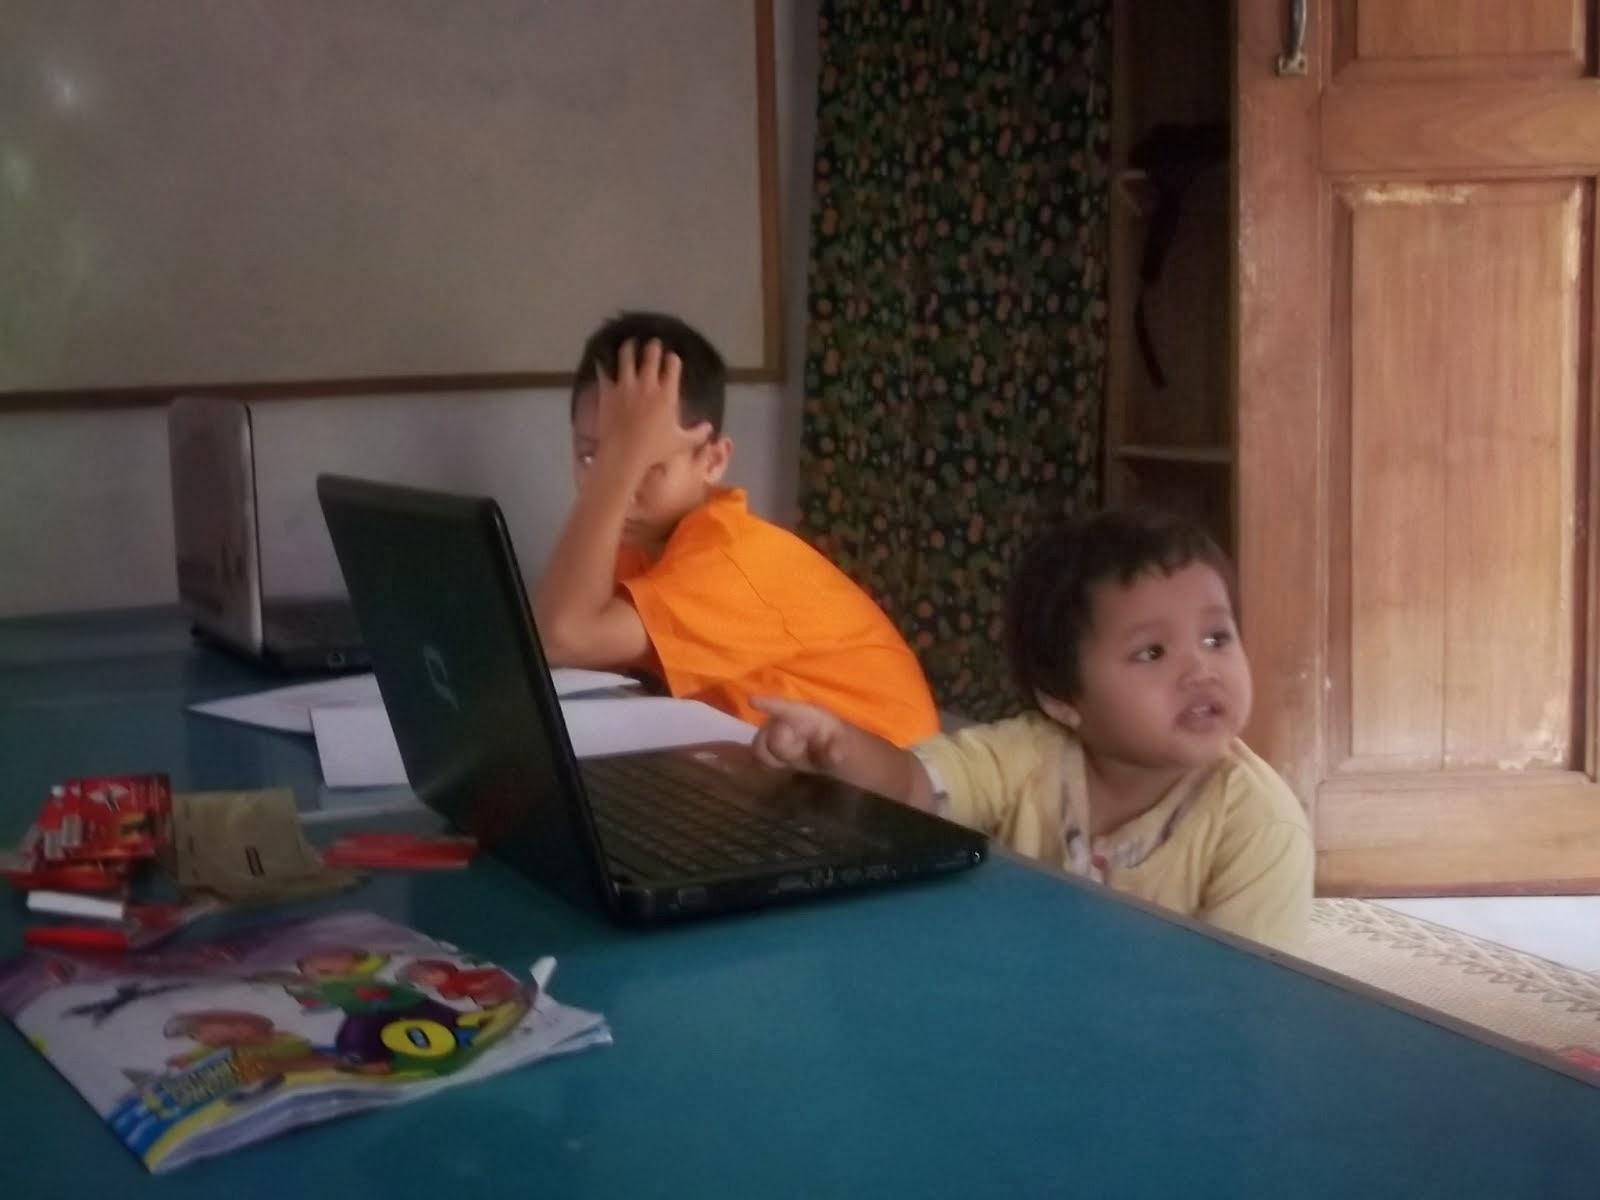 VIDEO JUARA 1 AKUSO 2013 : Internet Desa Surga Informasi Warga